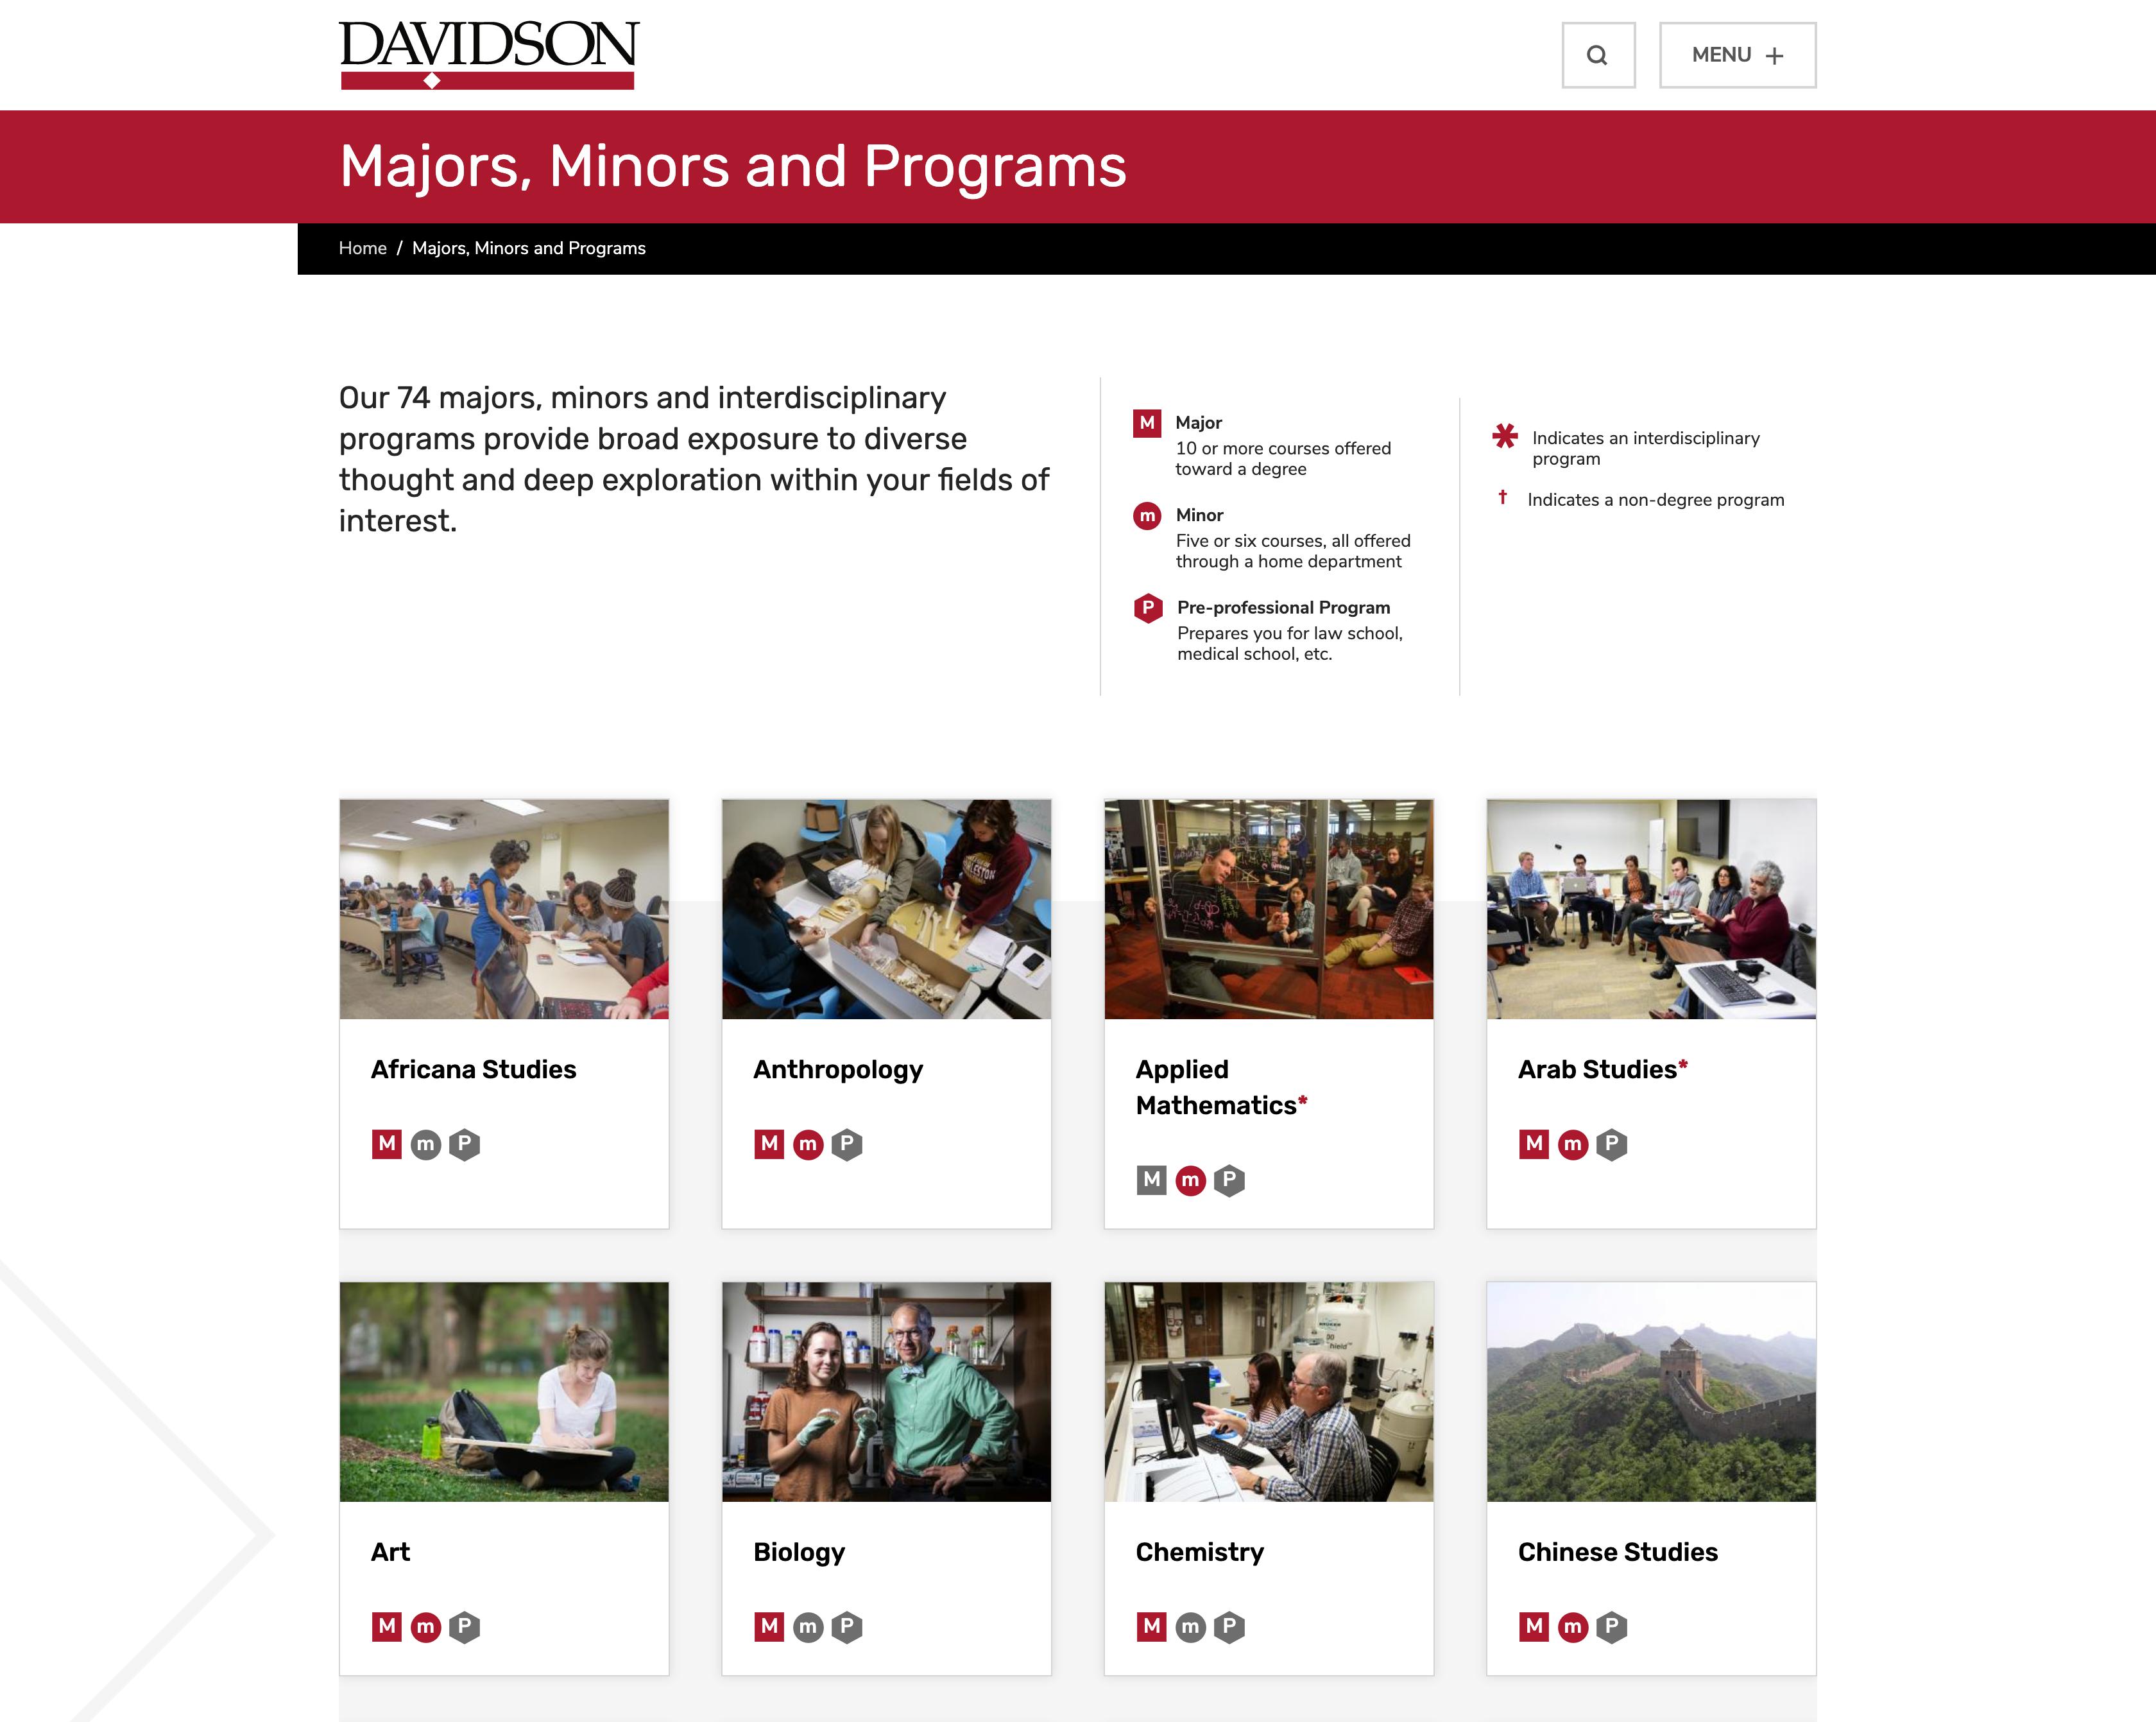 Screenshot of Majors, Minors & Programs page